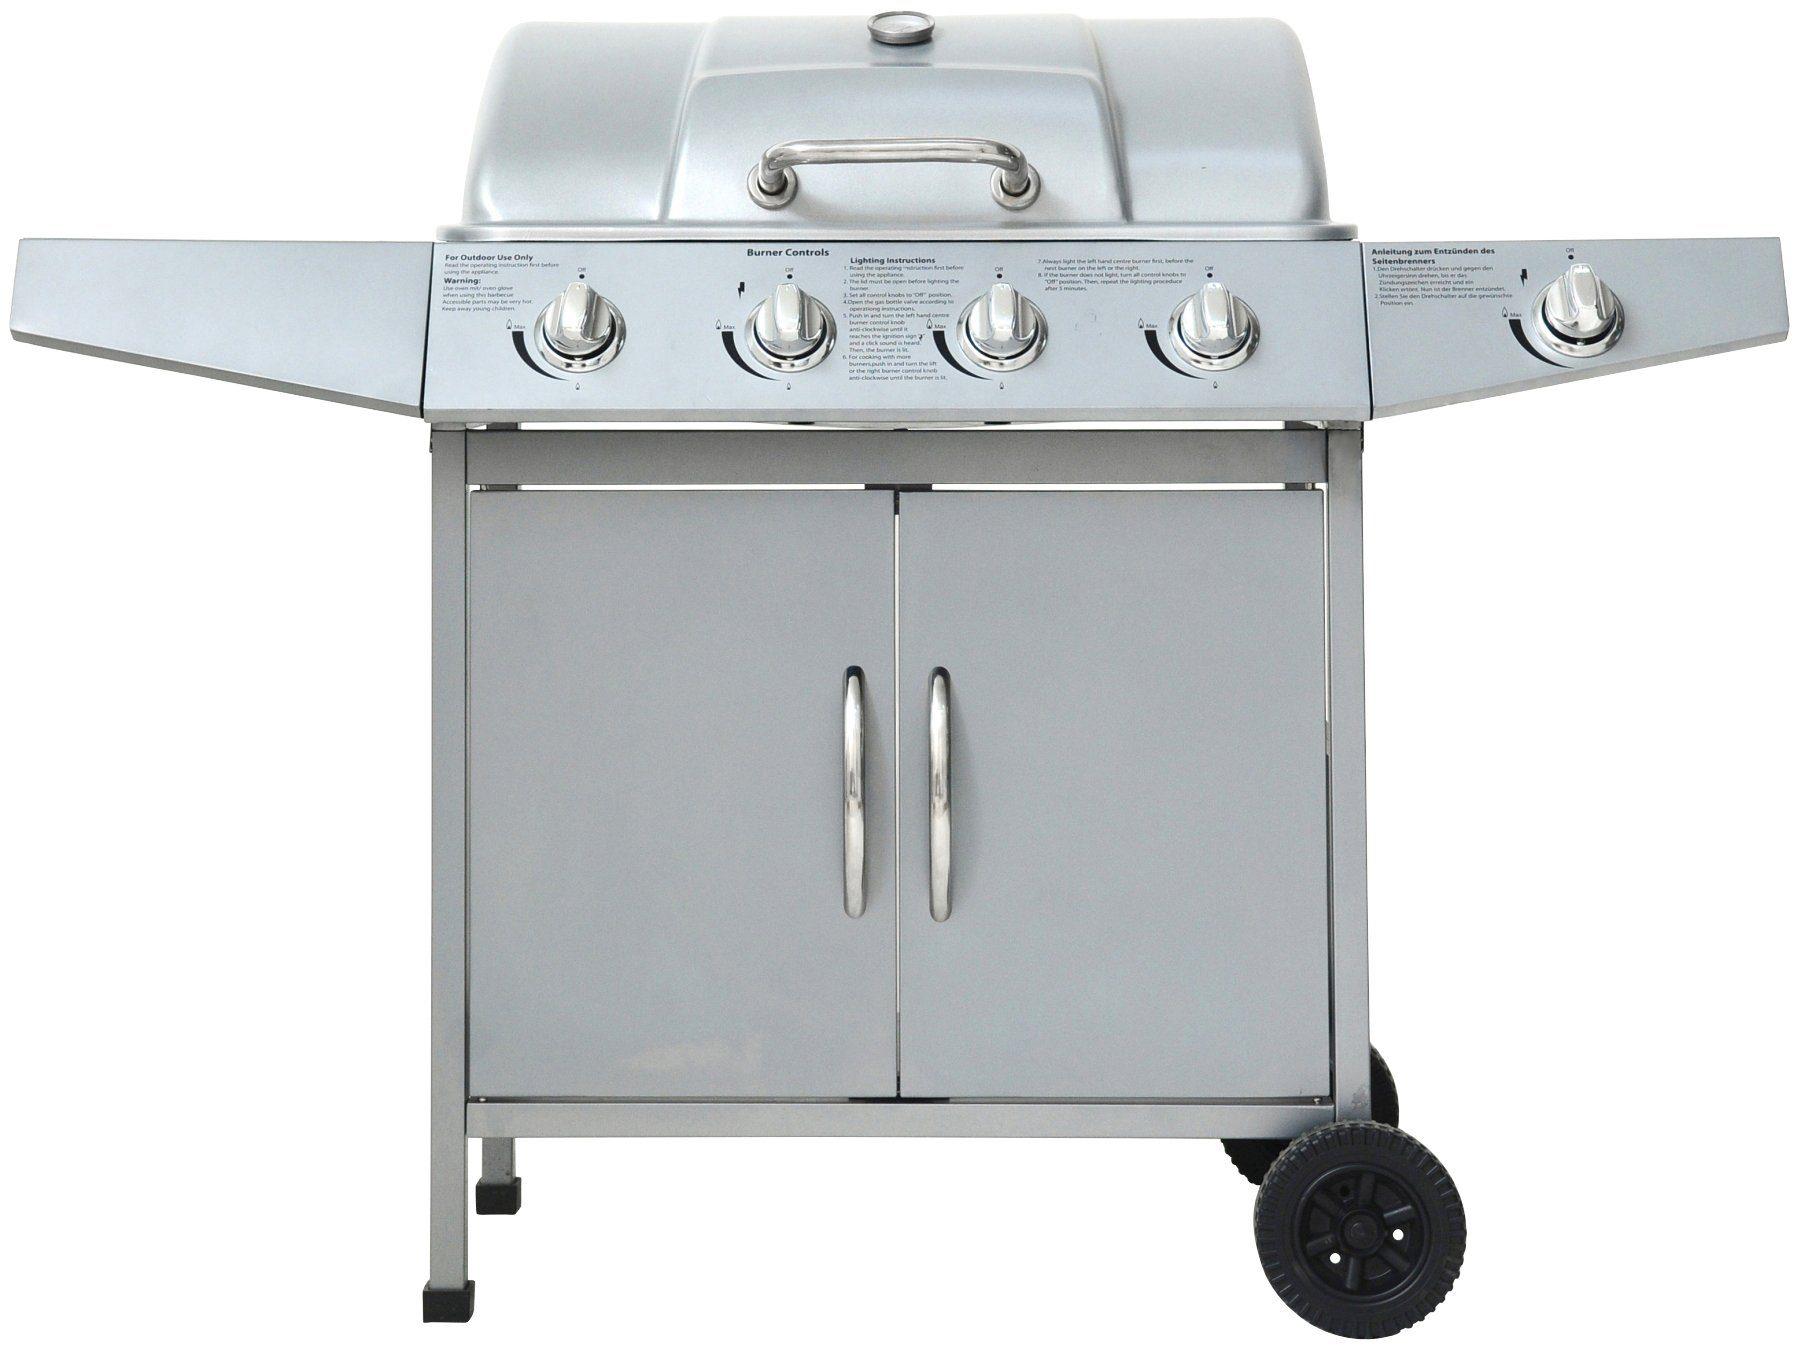 Drehspieß Für Gasgrill Jamie Oliver : Gasgrill kaufen kleiner gasgrill gasgrillwagen otto